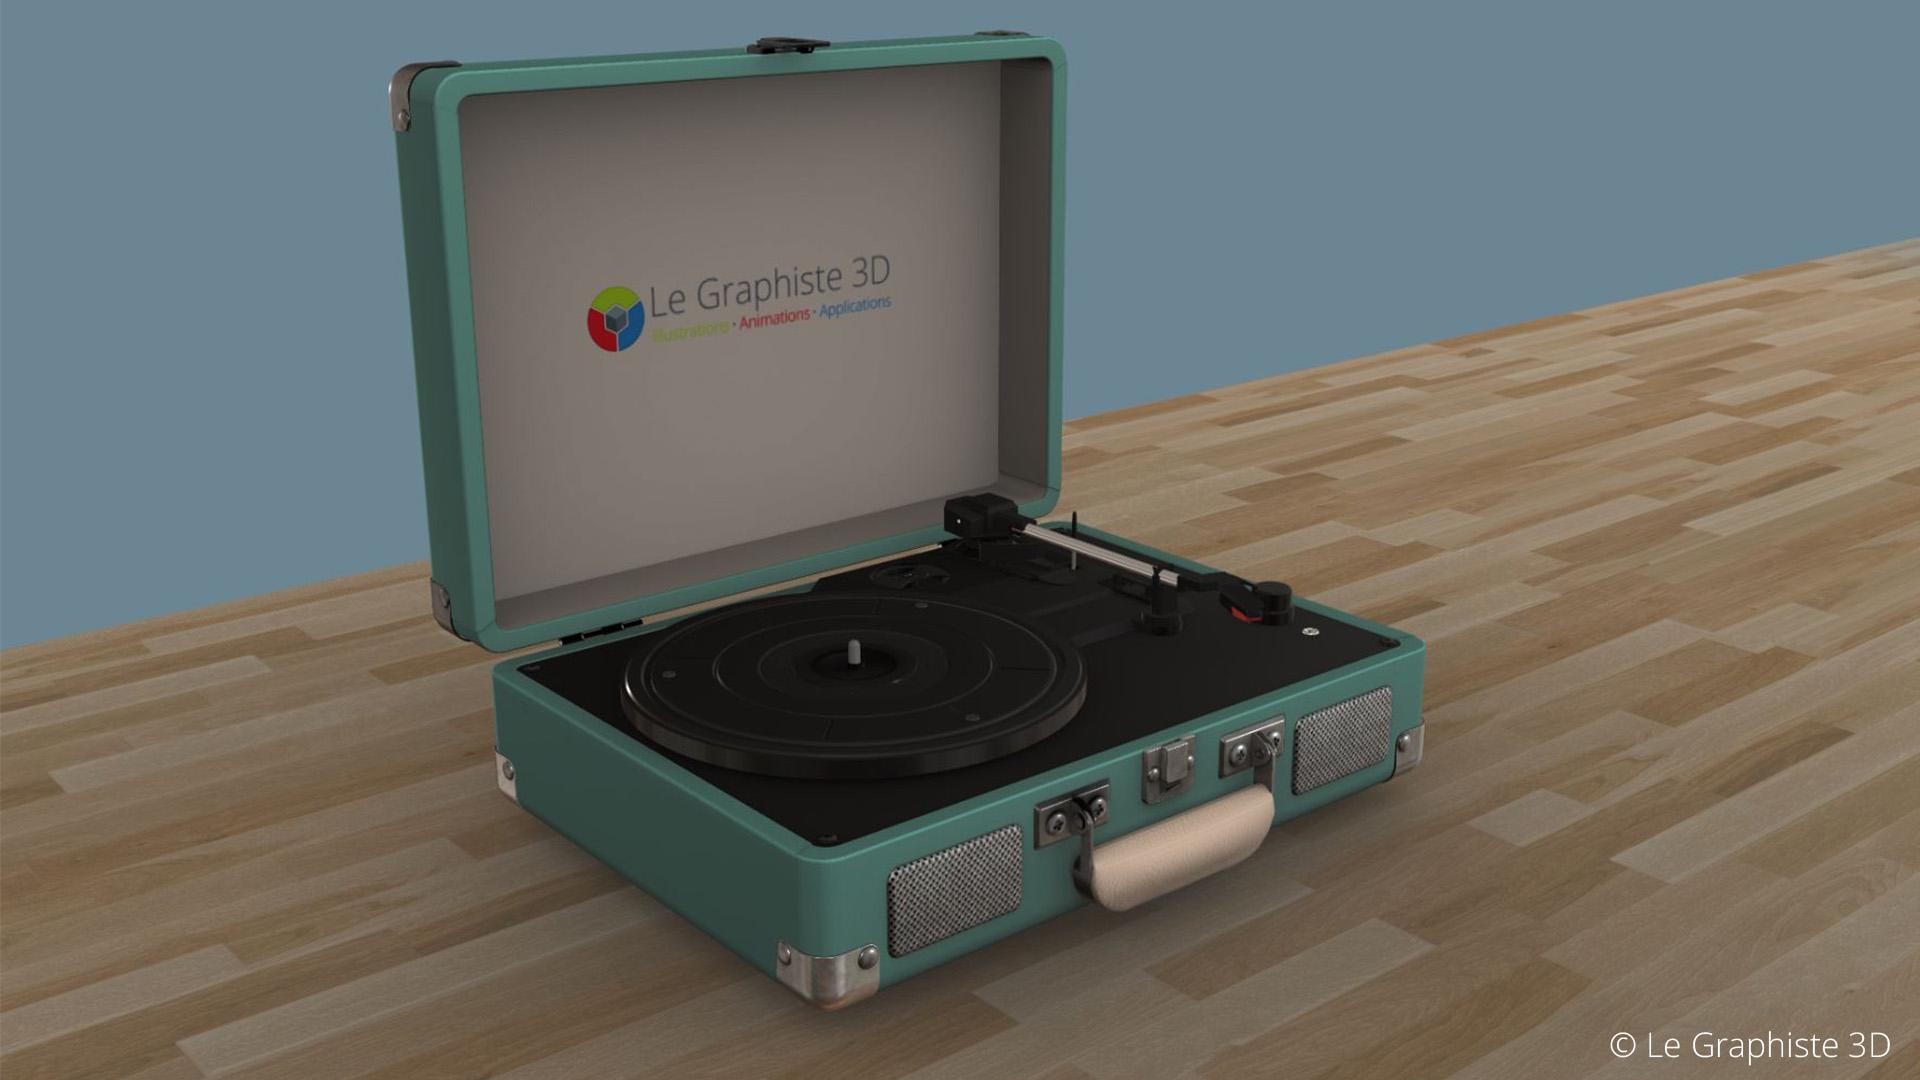 Application 3D temps réel - Tourne-disque vert - Le Graphiste 3D